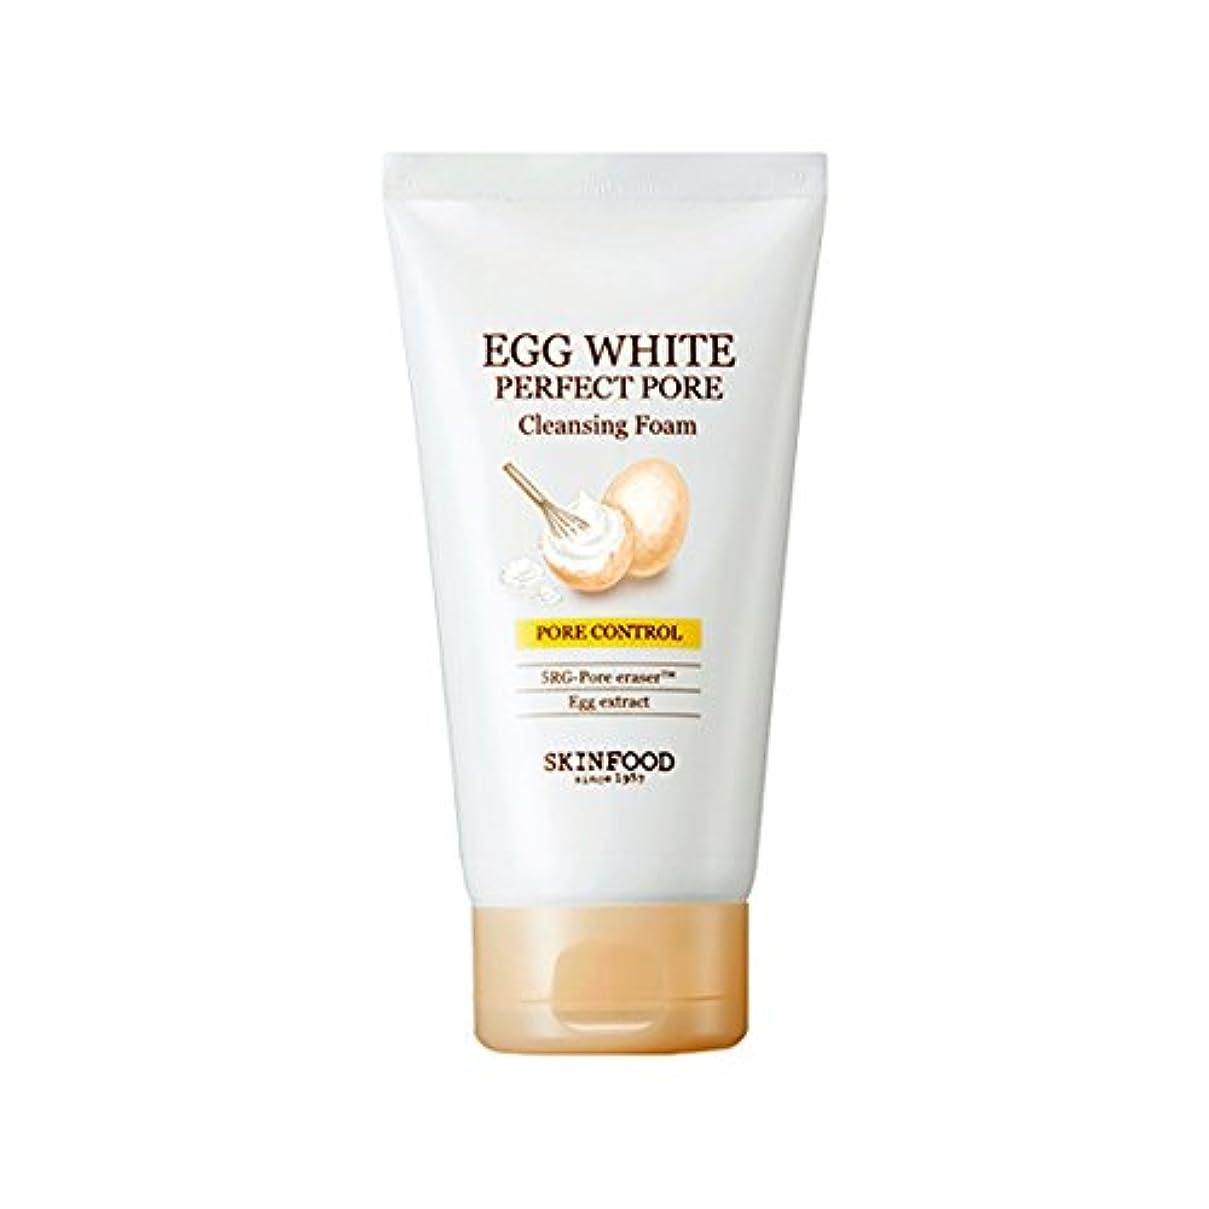 追放ジョガー租界[2017 New] SKINFOOD Egg White Perfect Pore Cleansing Foam 150ml/スキンフード エッグ ホワイト パーフェクト ポア クレンジング フォーム 150ml [並行輸入品]